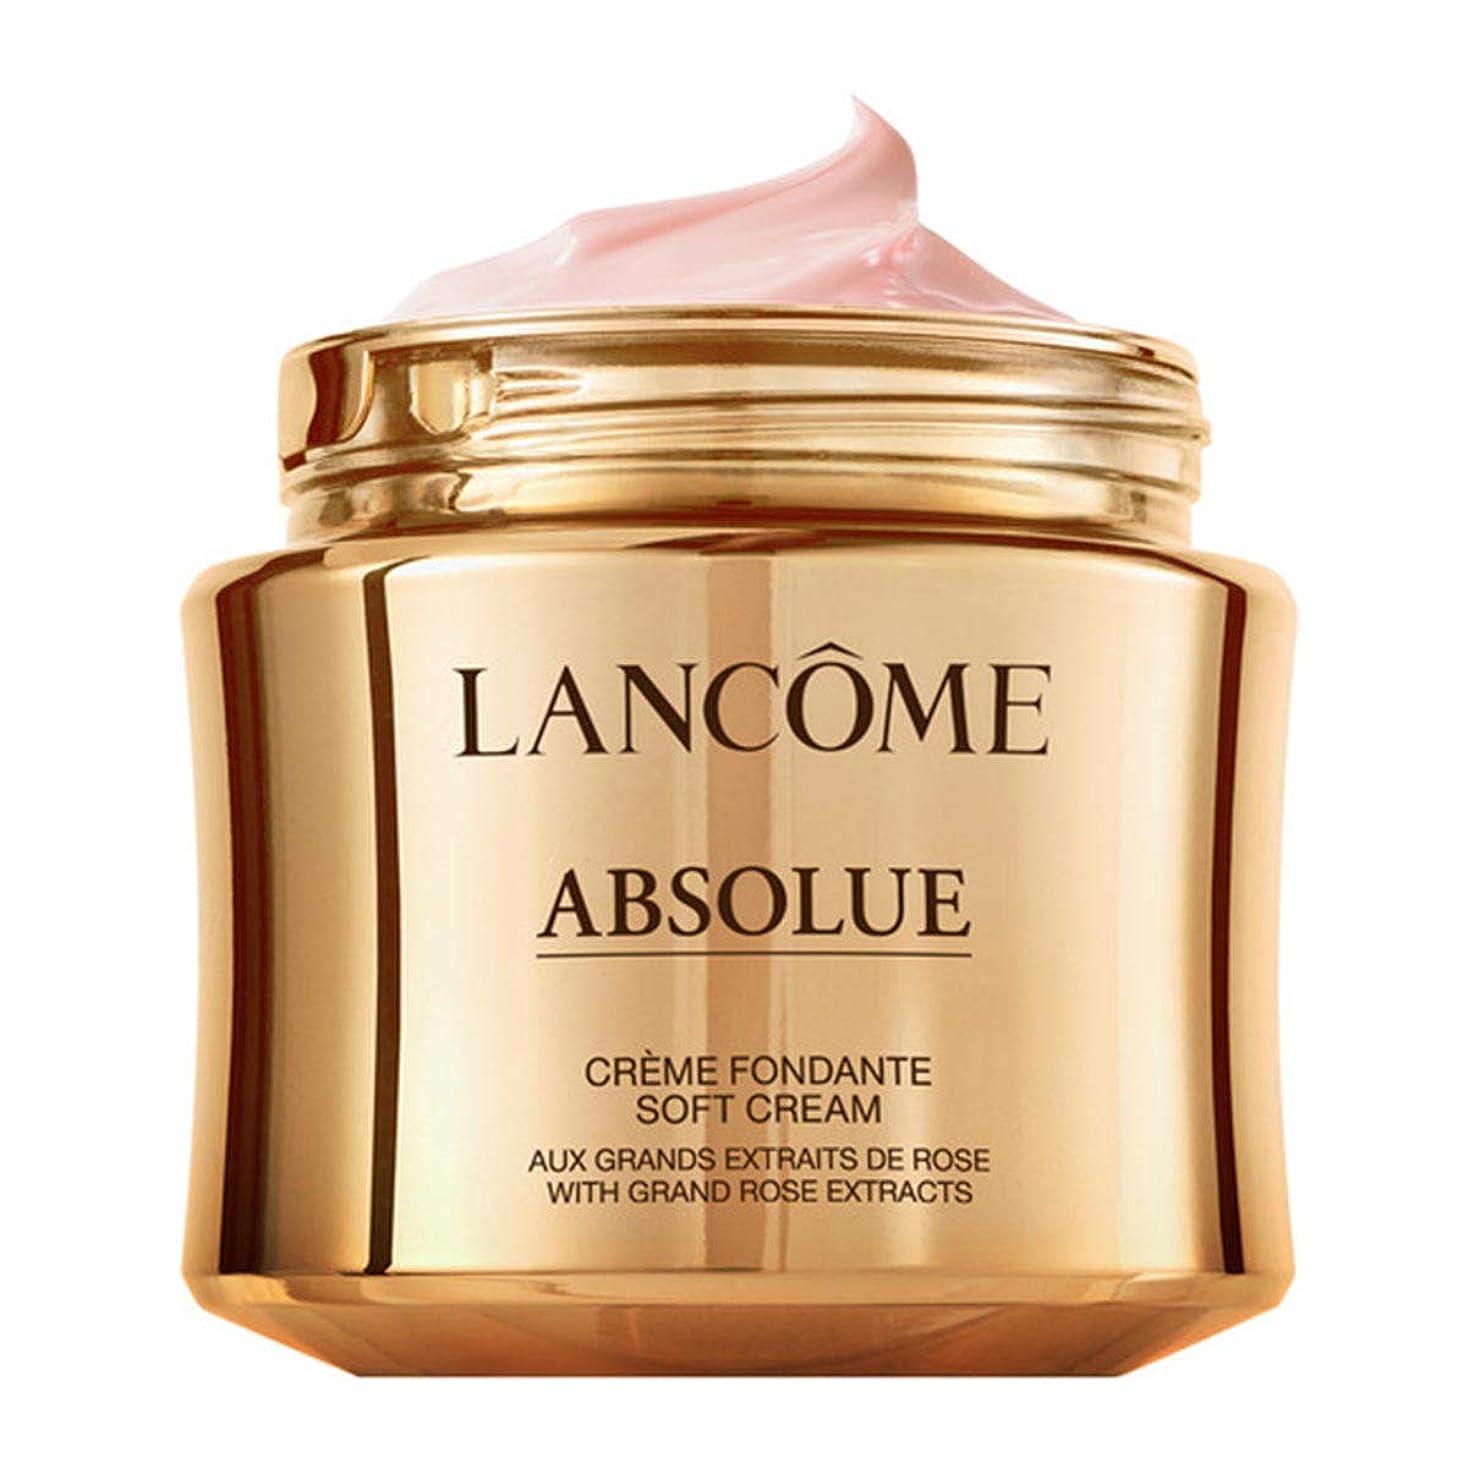 揺れる治療吐くランコム Absolue Creme Fondante Soft Cream Refill 60ml/2oz並行輸入品